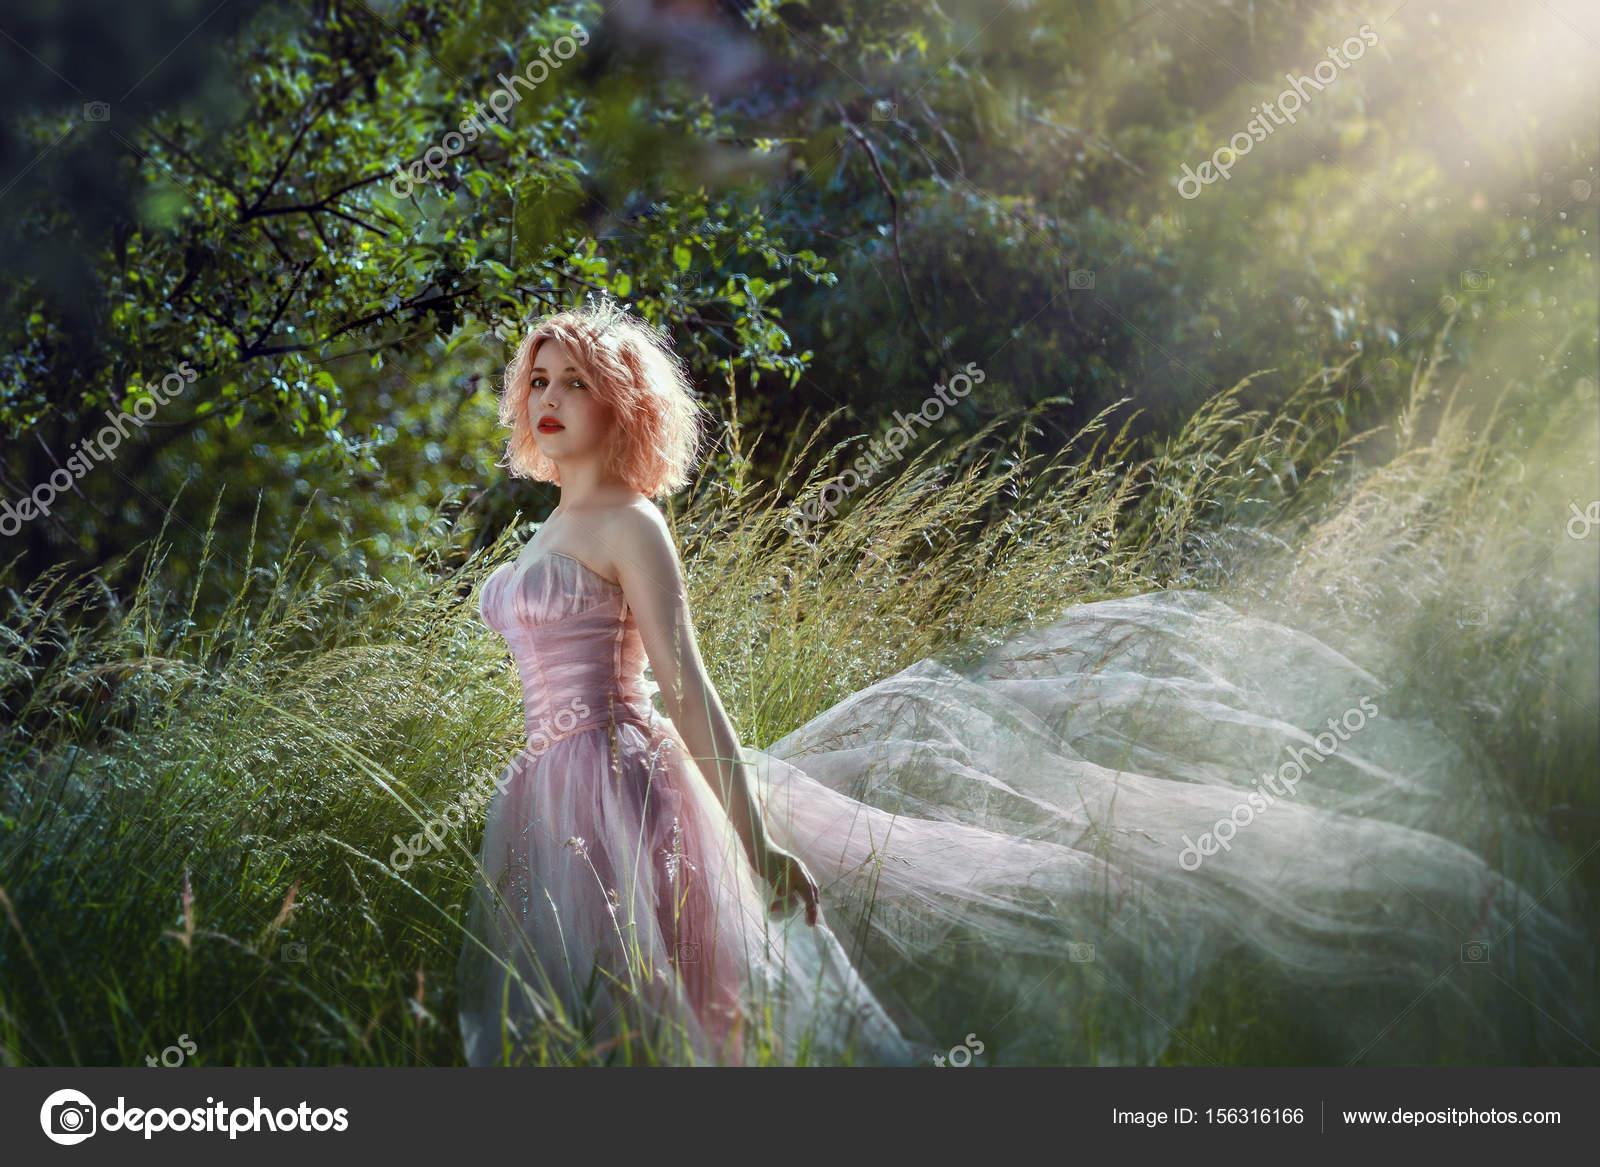 7b6089e7a Retrato de una hermosa muchacha en el vestido de púrpura. Cuento de hadas  sobre princesa caminando por el bosque ...